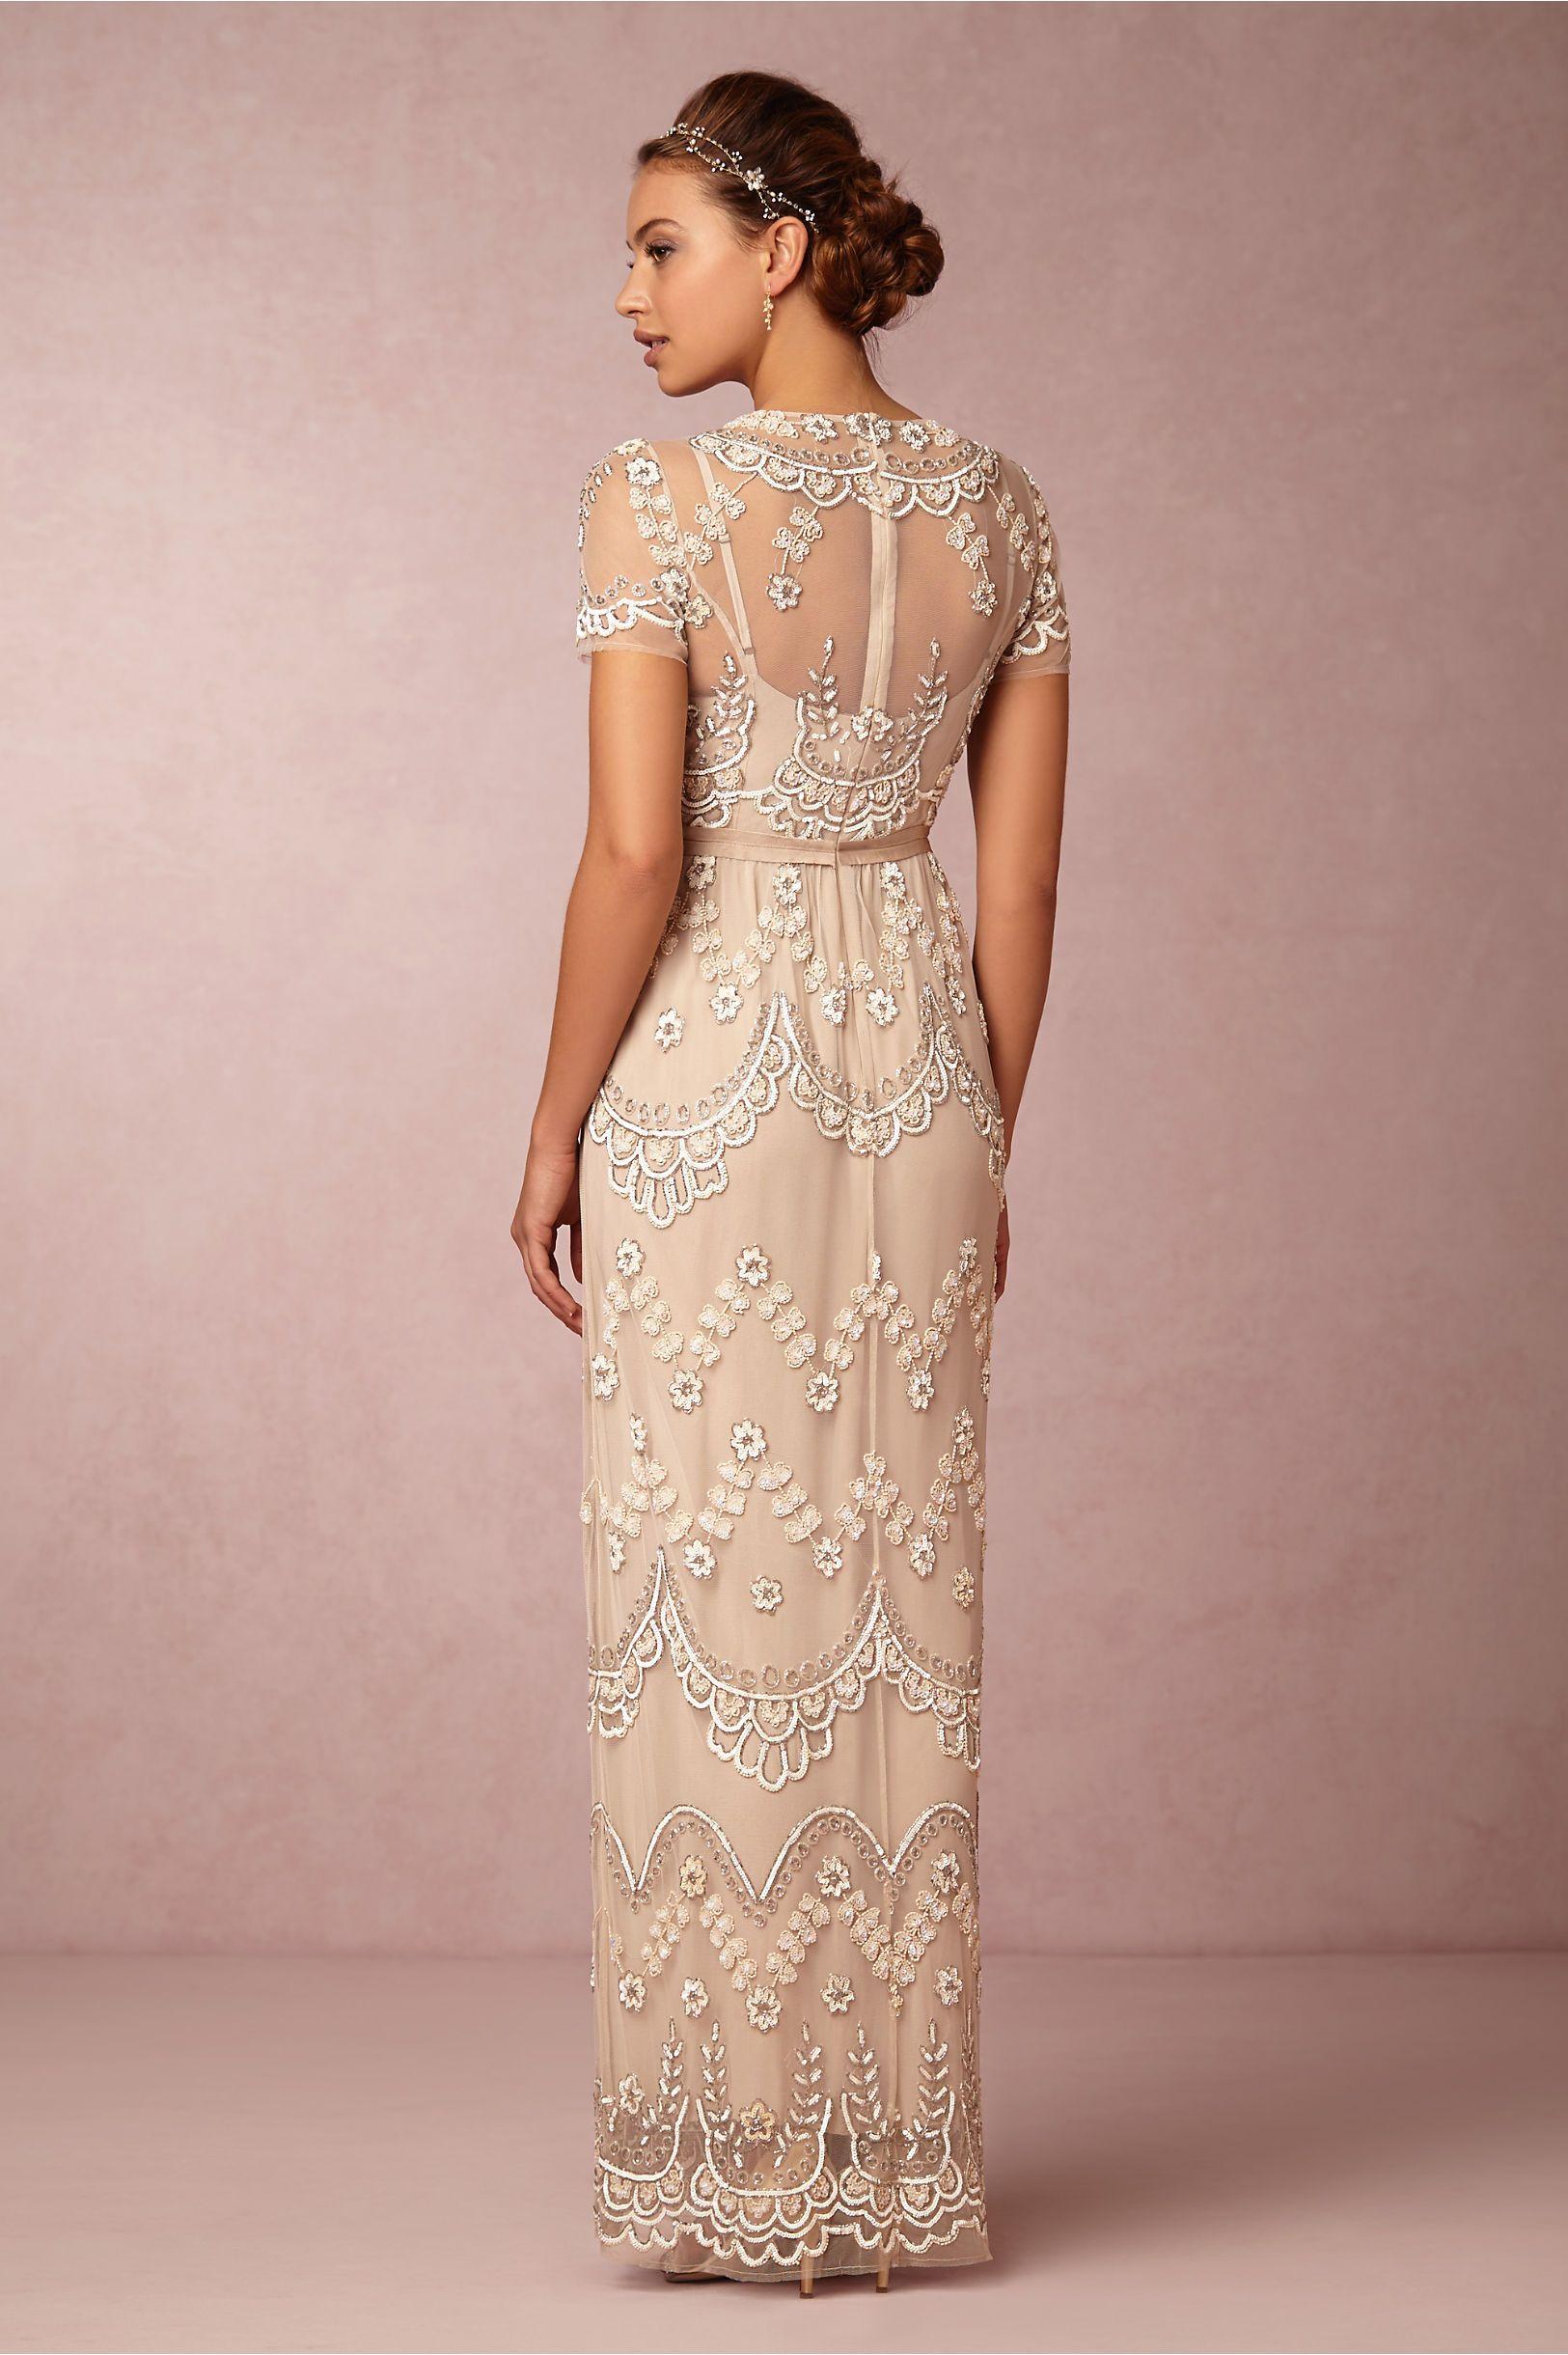 Tiered Petal Dress from BHLDN | Wedding | Pinterest | Novios y Boda